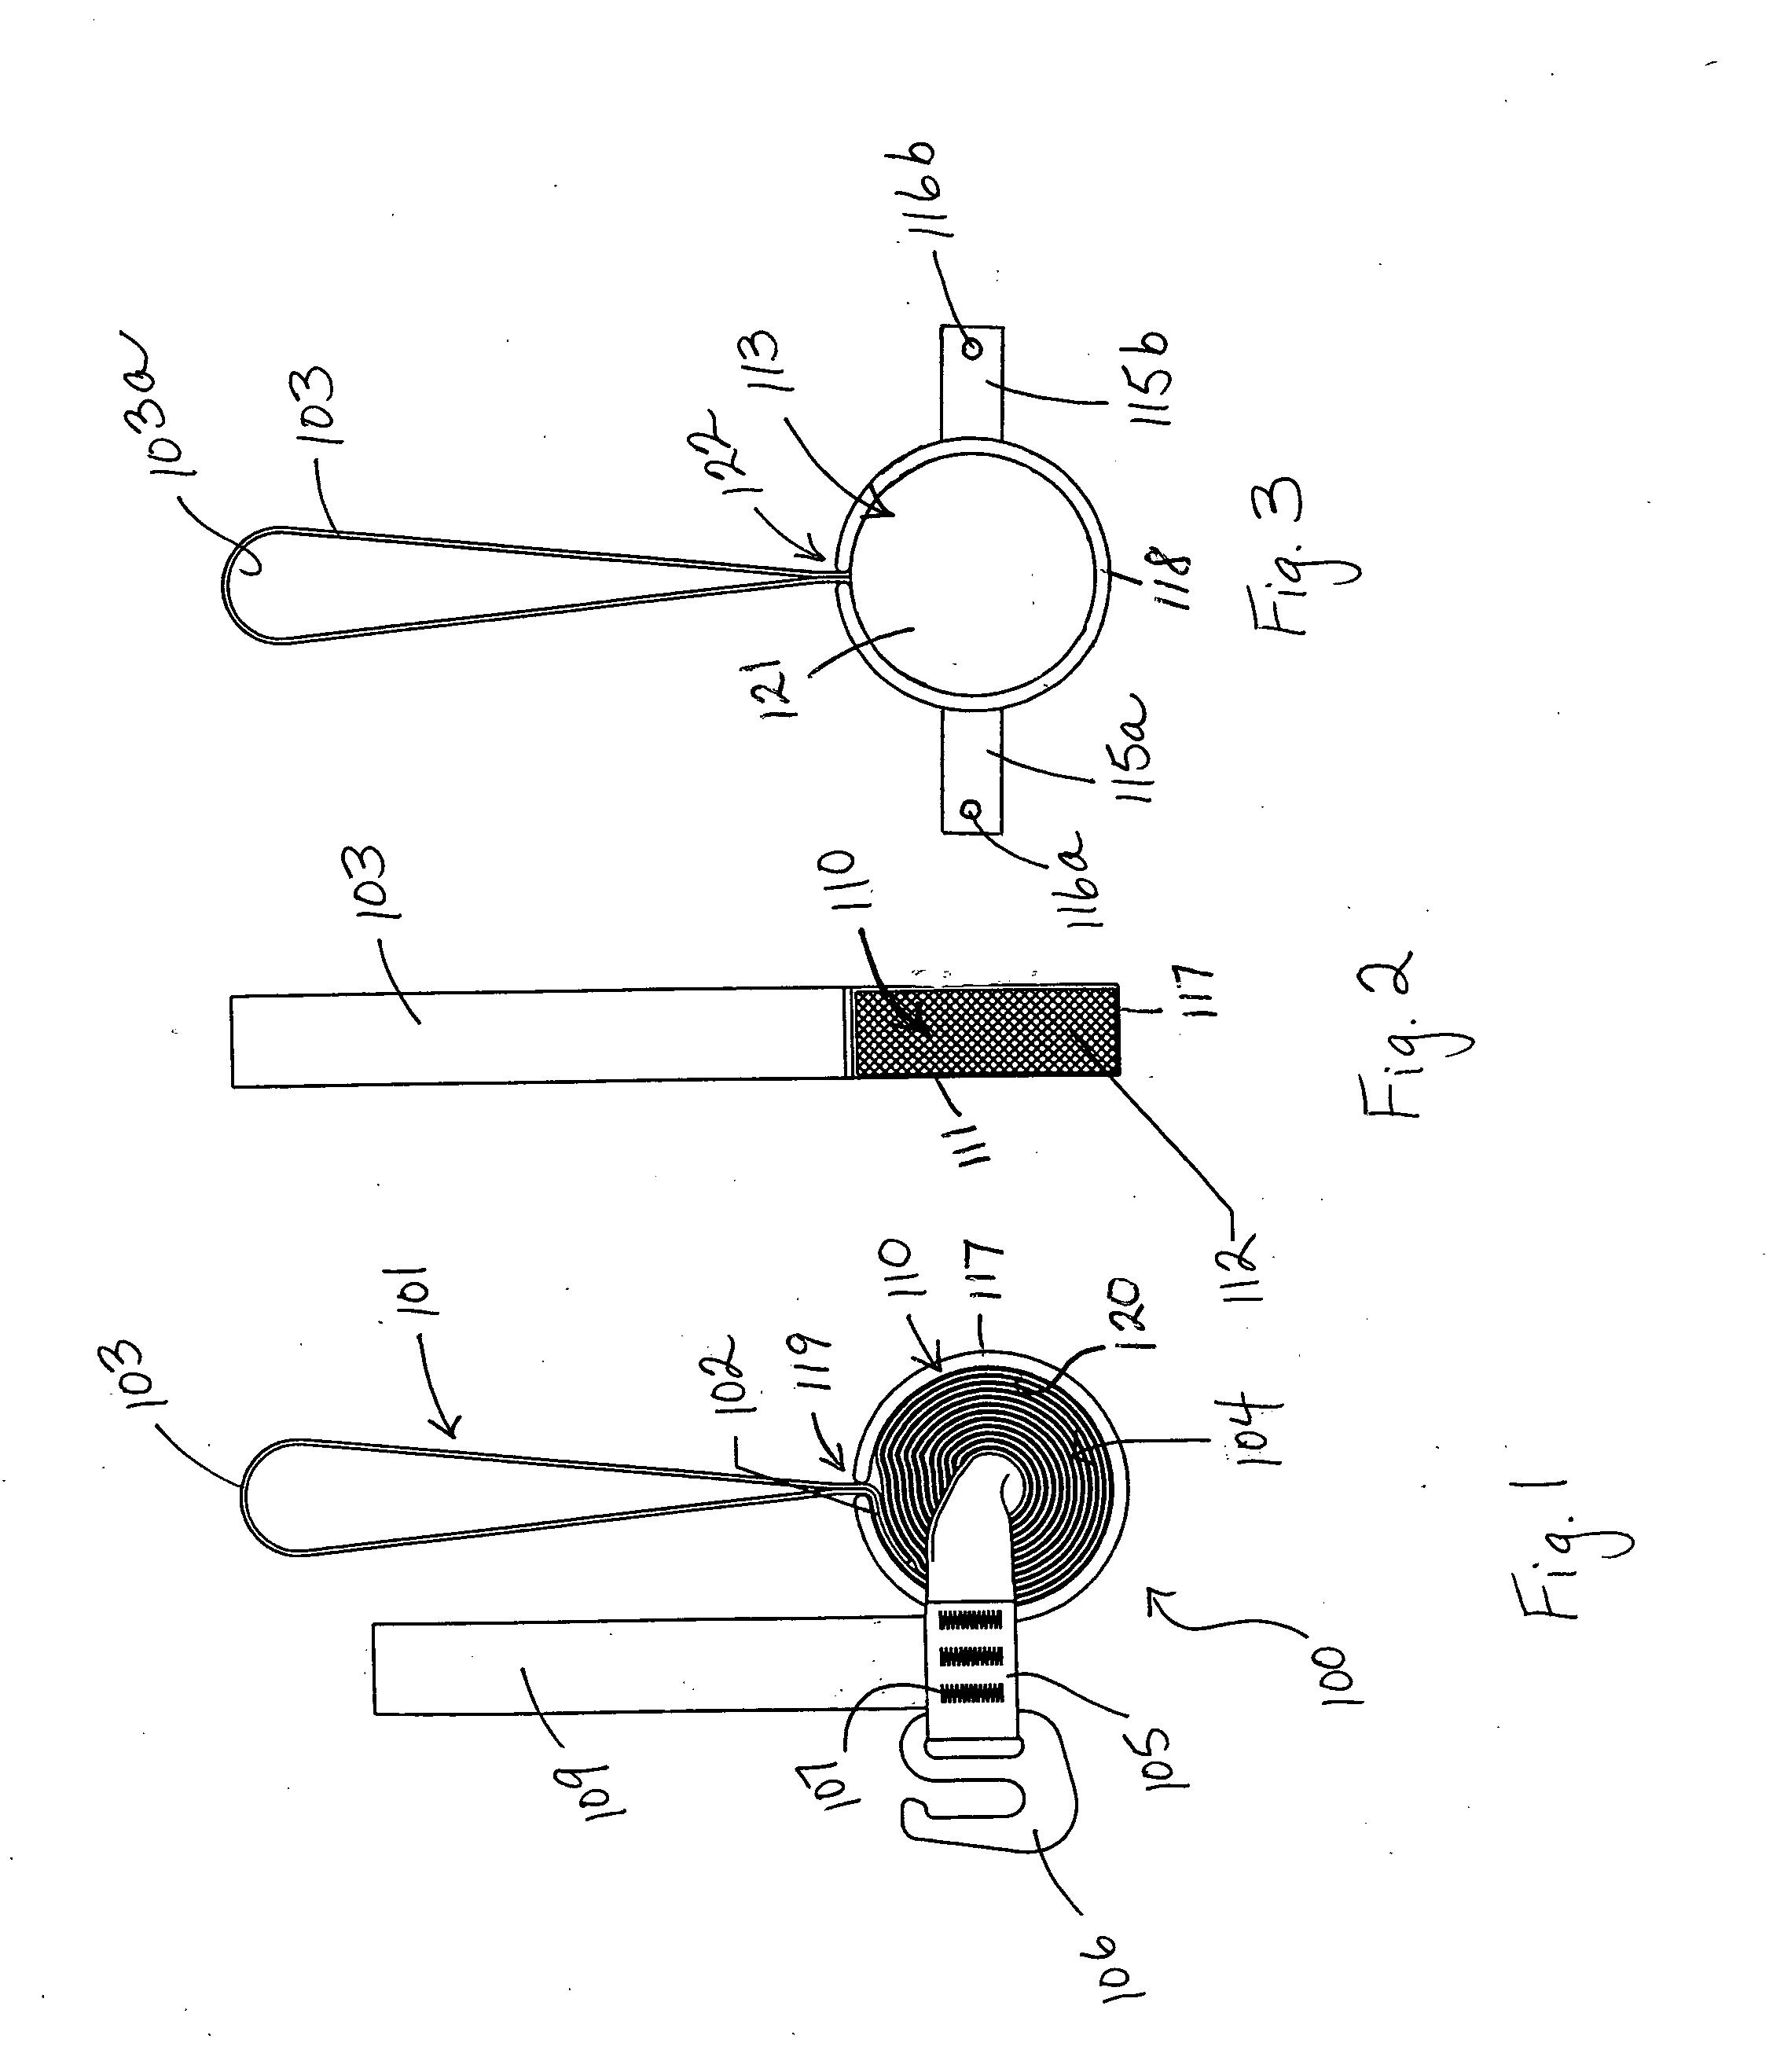 patent us20060048998